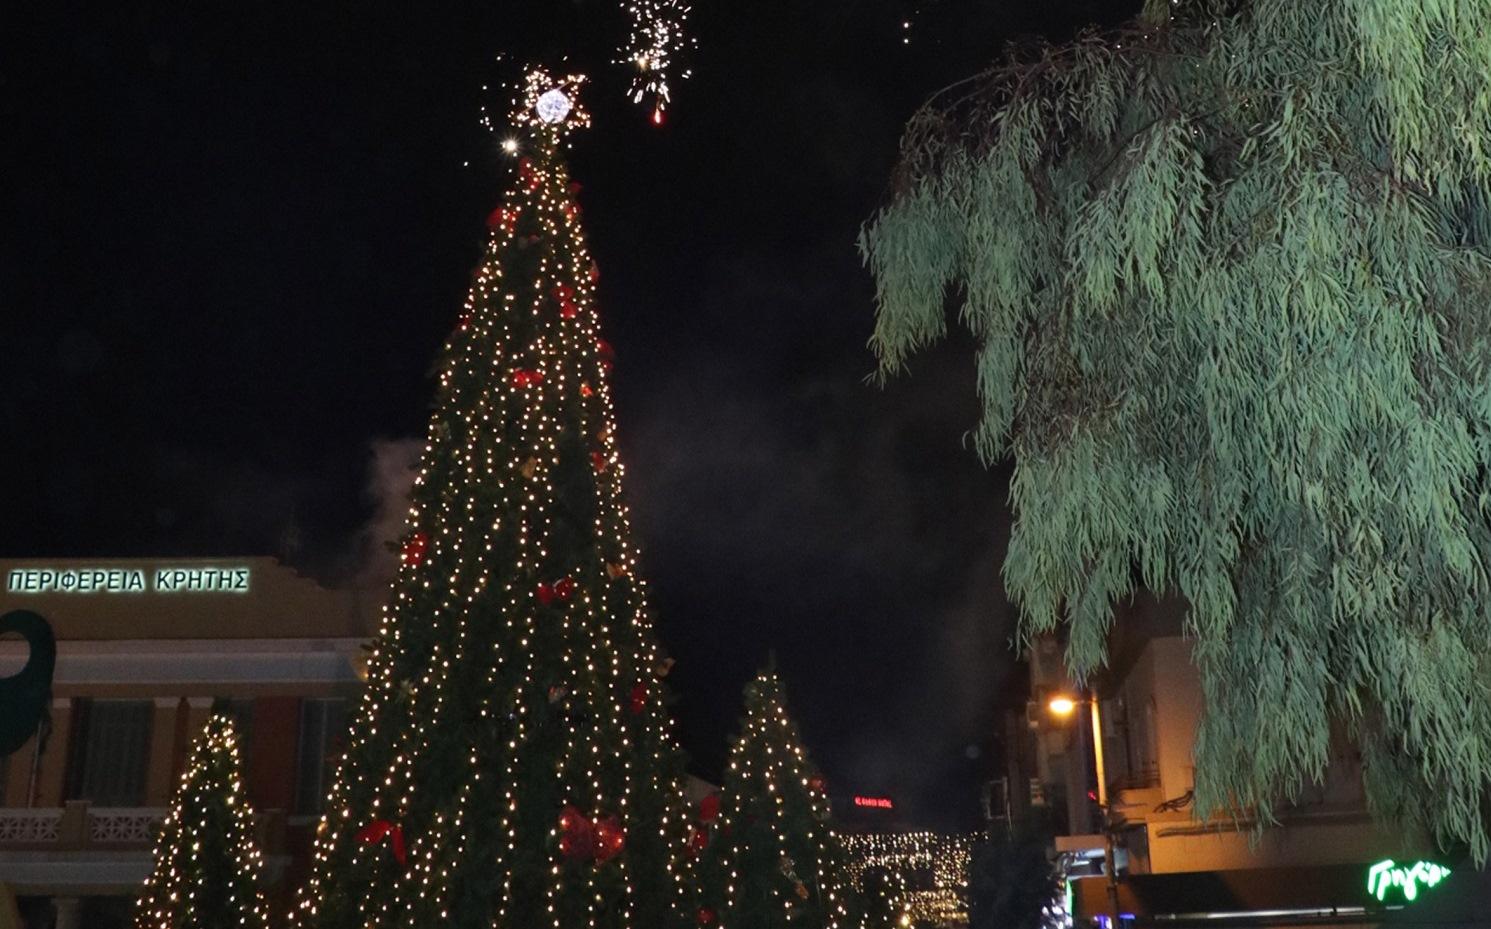 Οι εορταστικές εκδηλώσεις στο Ηράκλειο την Τετάρτη 3 Ιανουαρίου